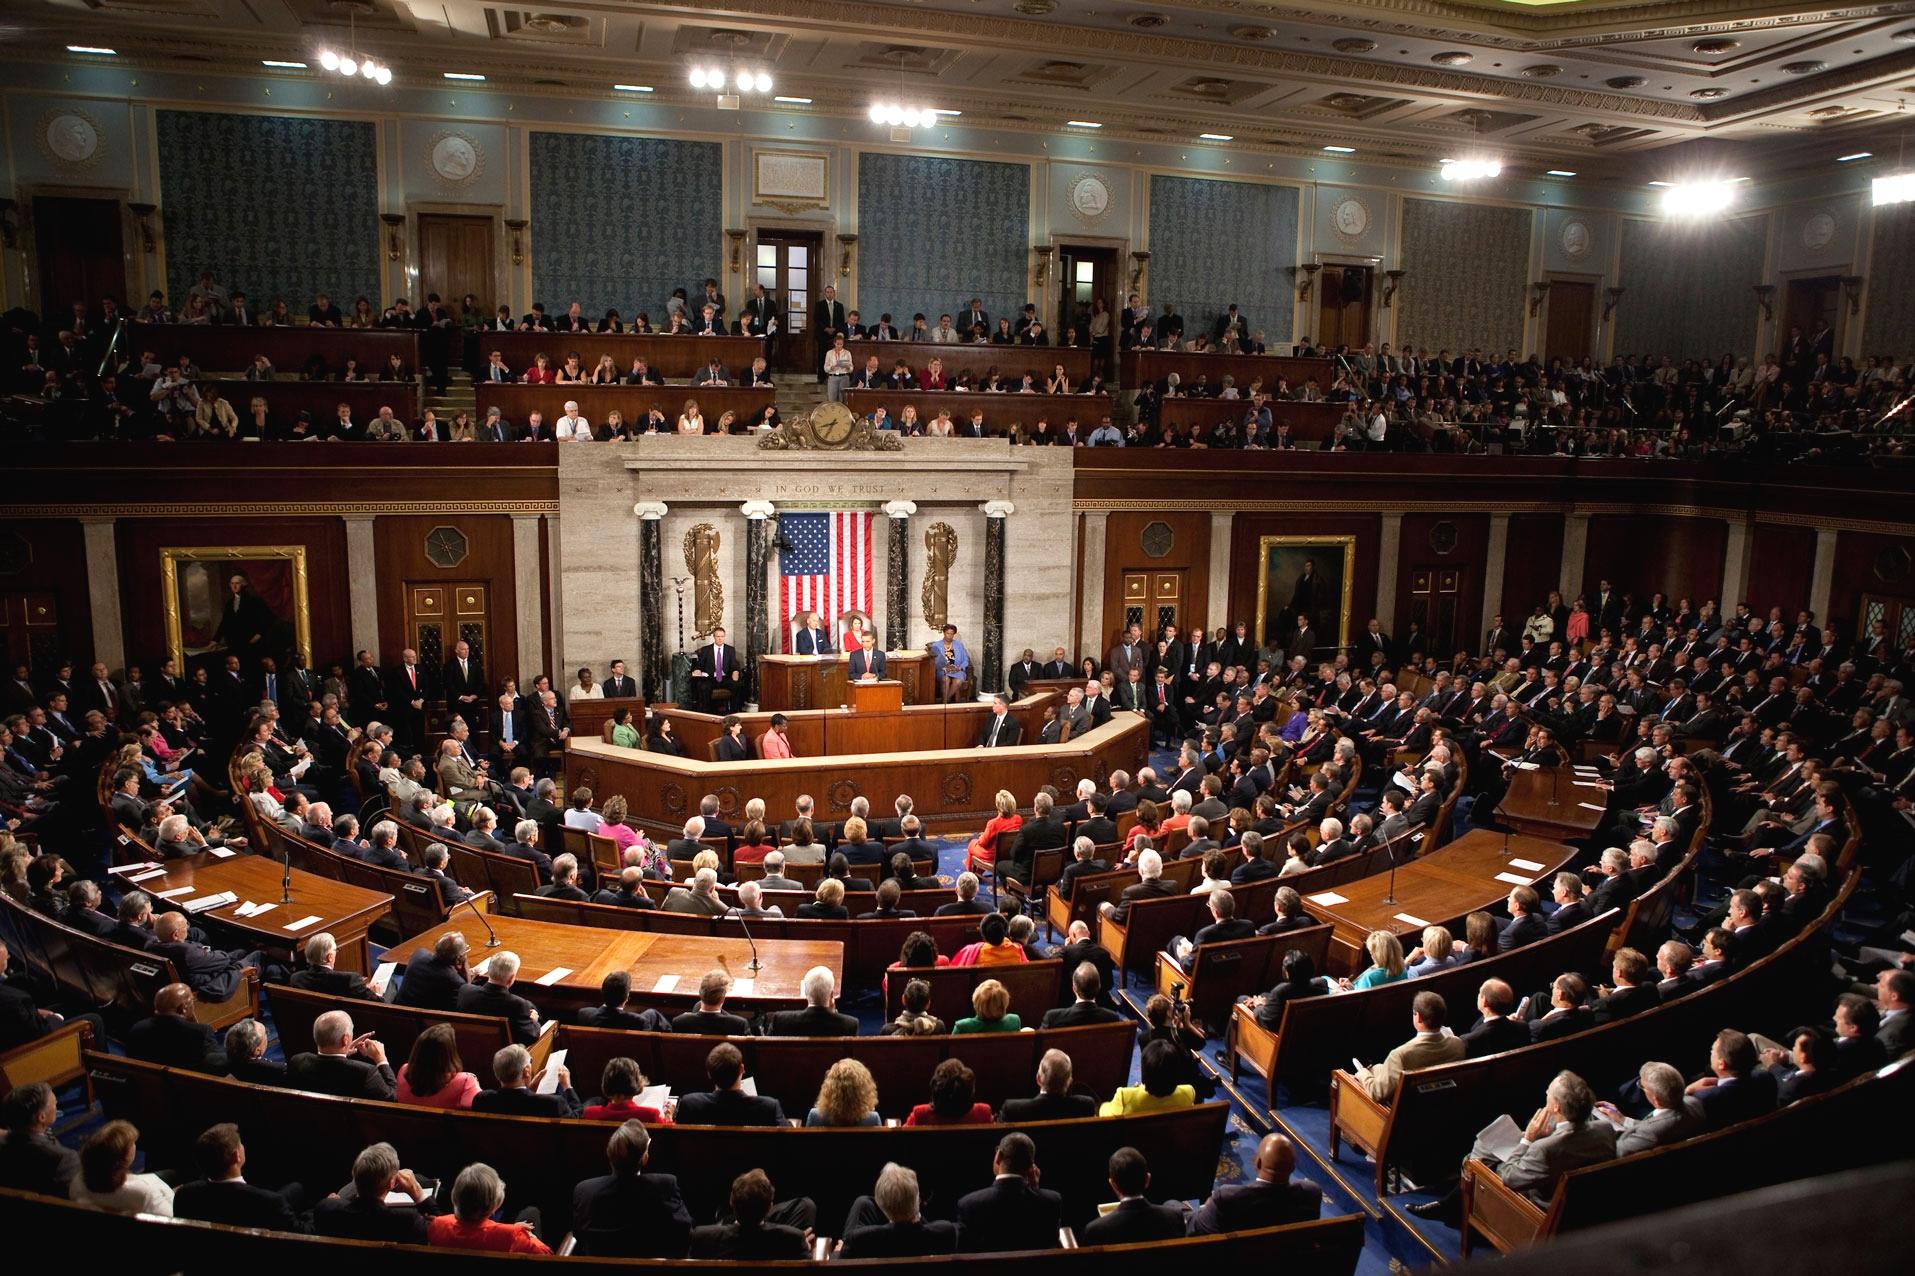 وفد من الكونغرس الأمريكي يزور ليبيا